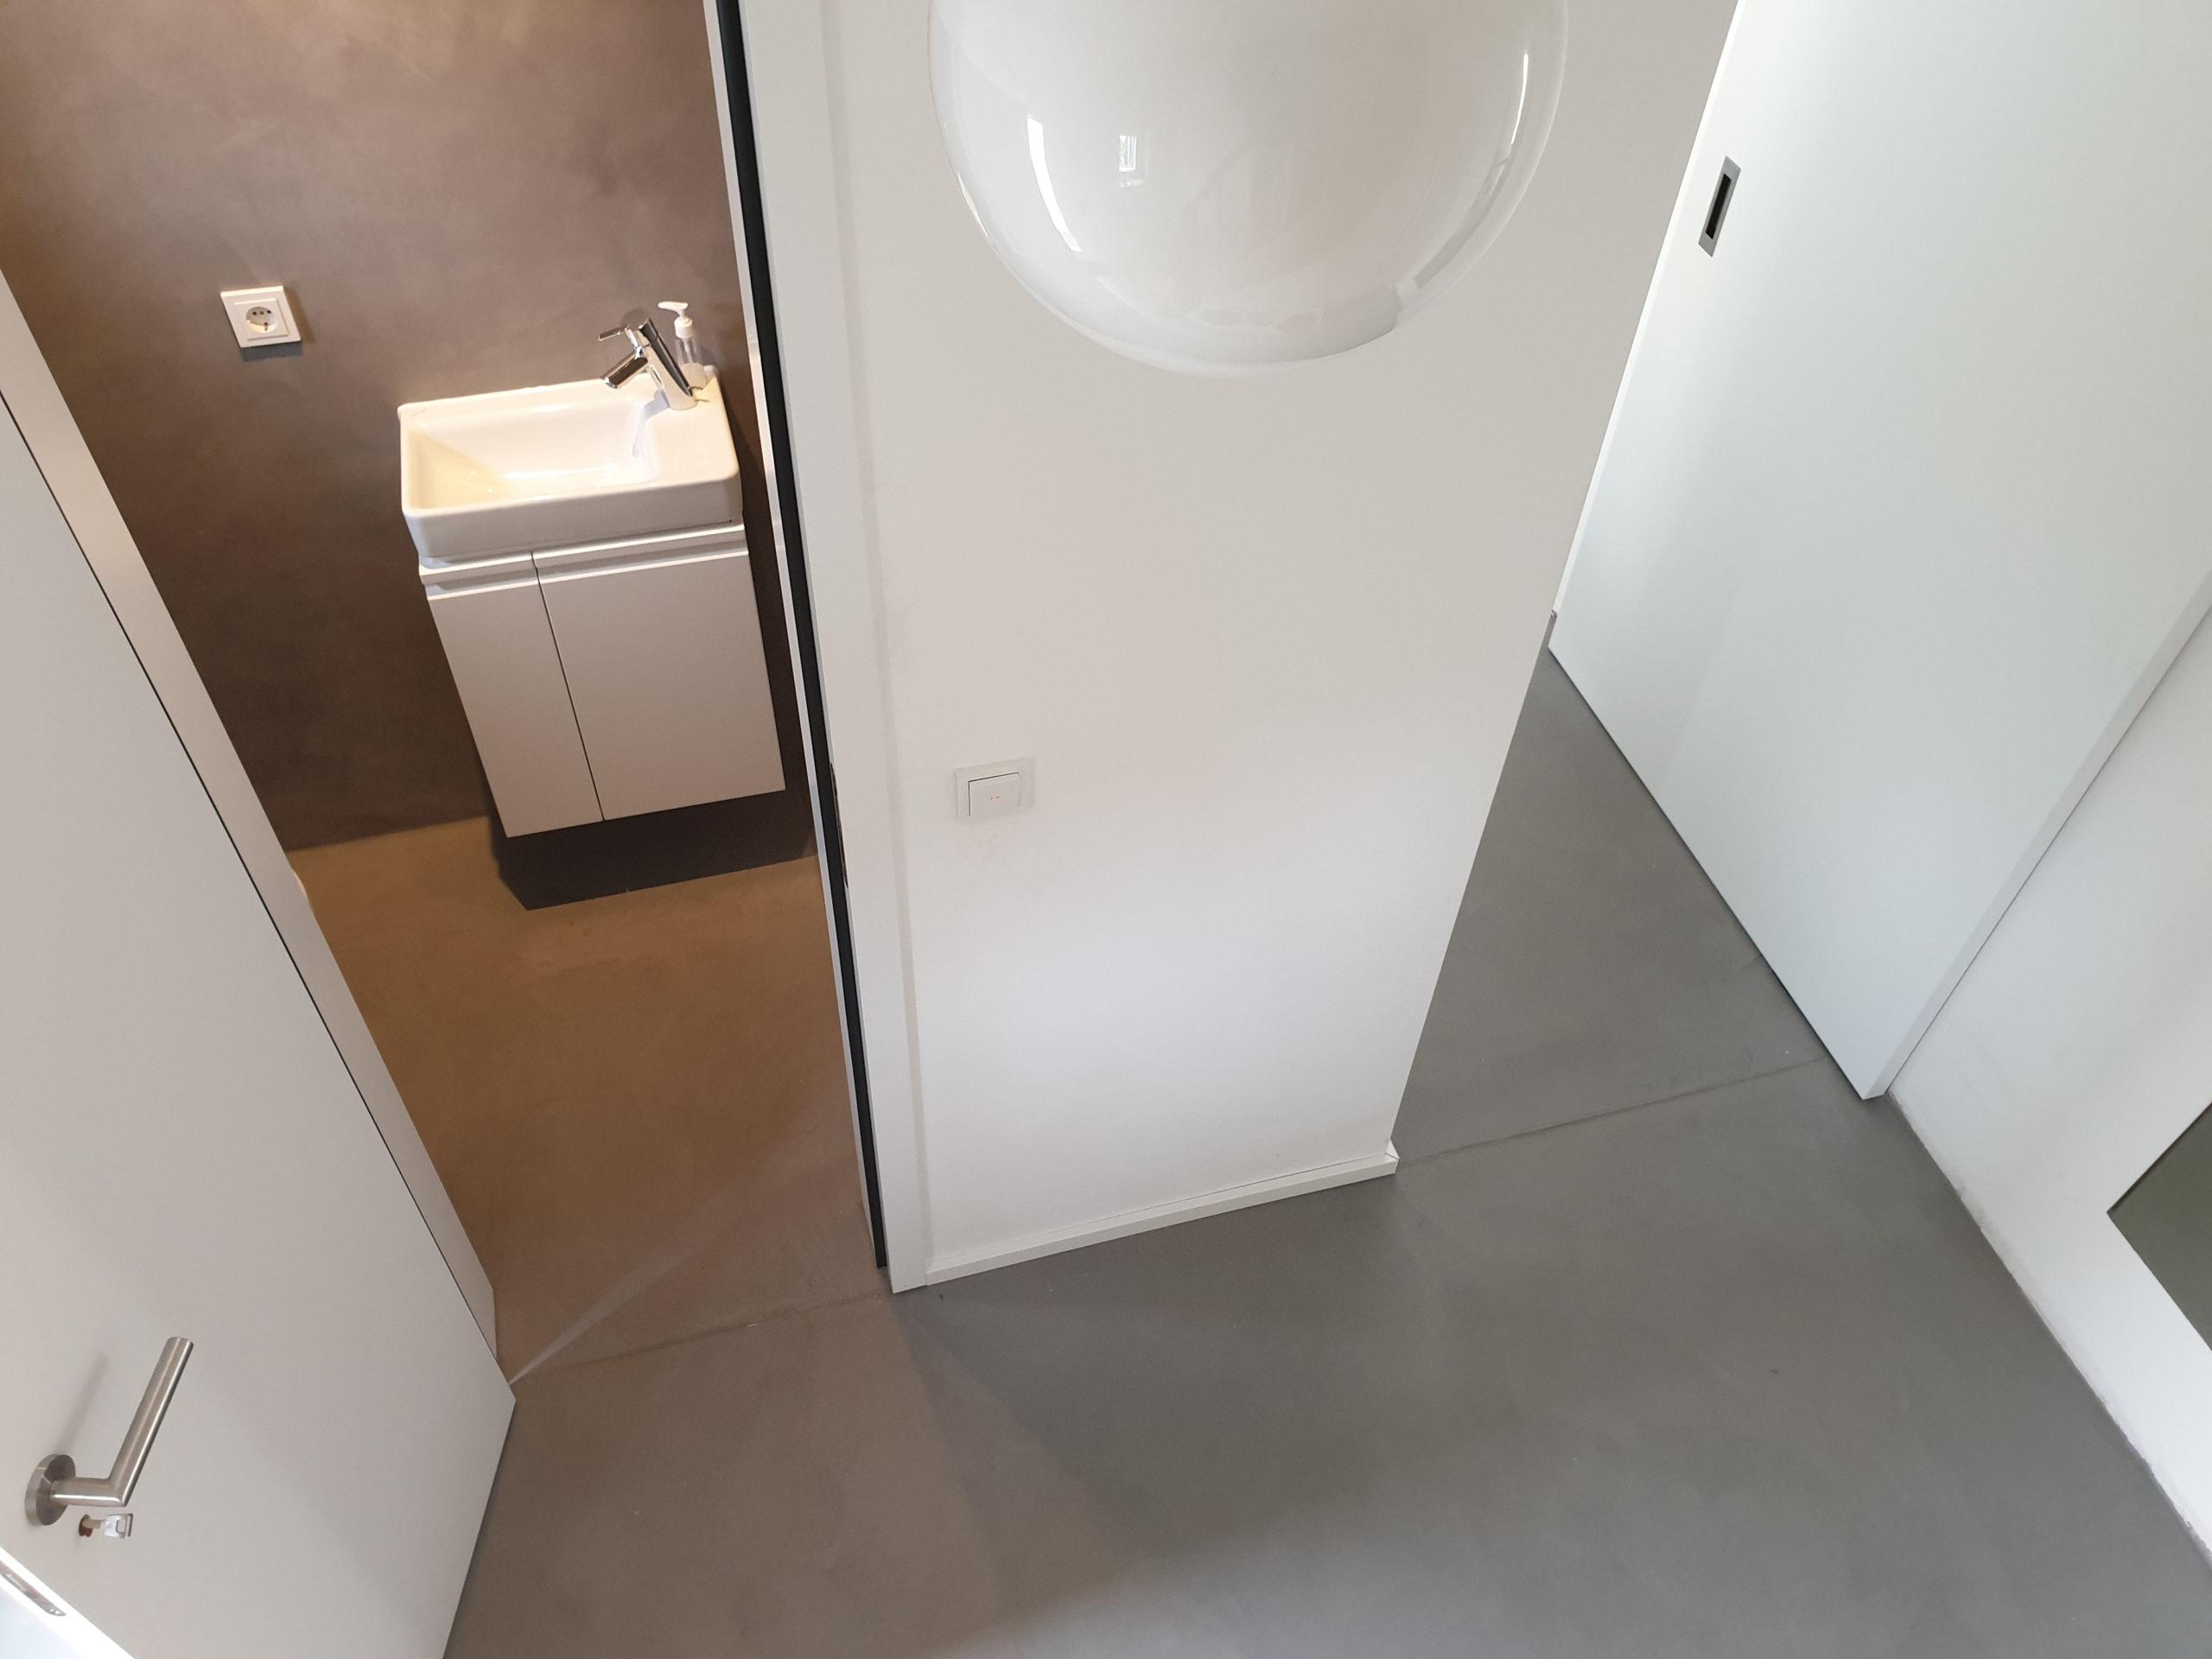 betonoptik-fugenlose-wandgestaltungen-und-bodengestaltungen-um-frankfurt-tinolehmann